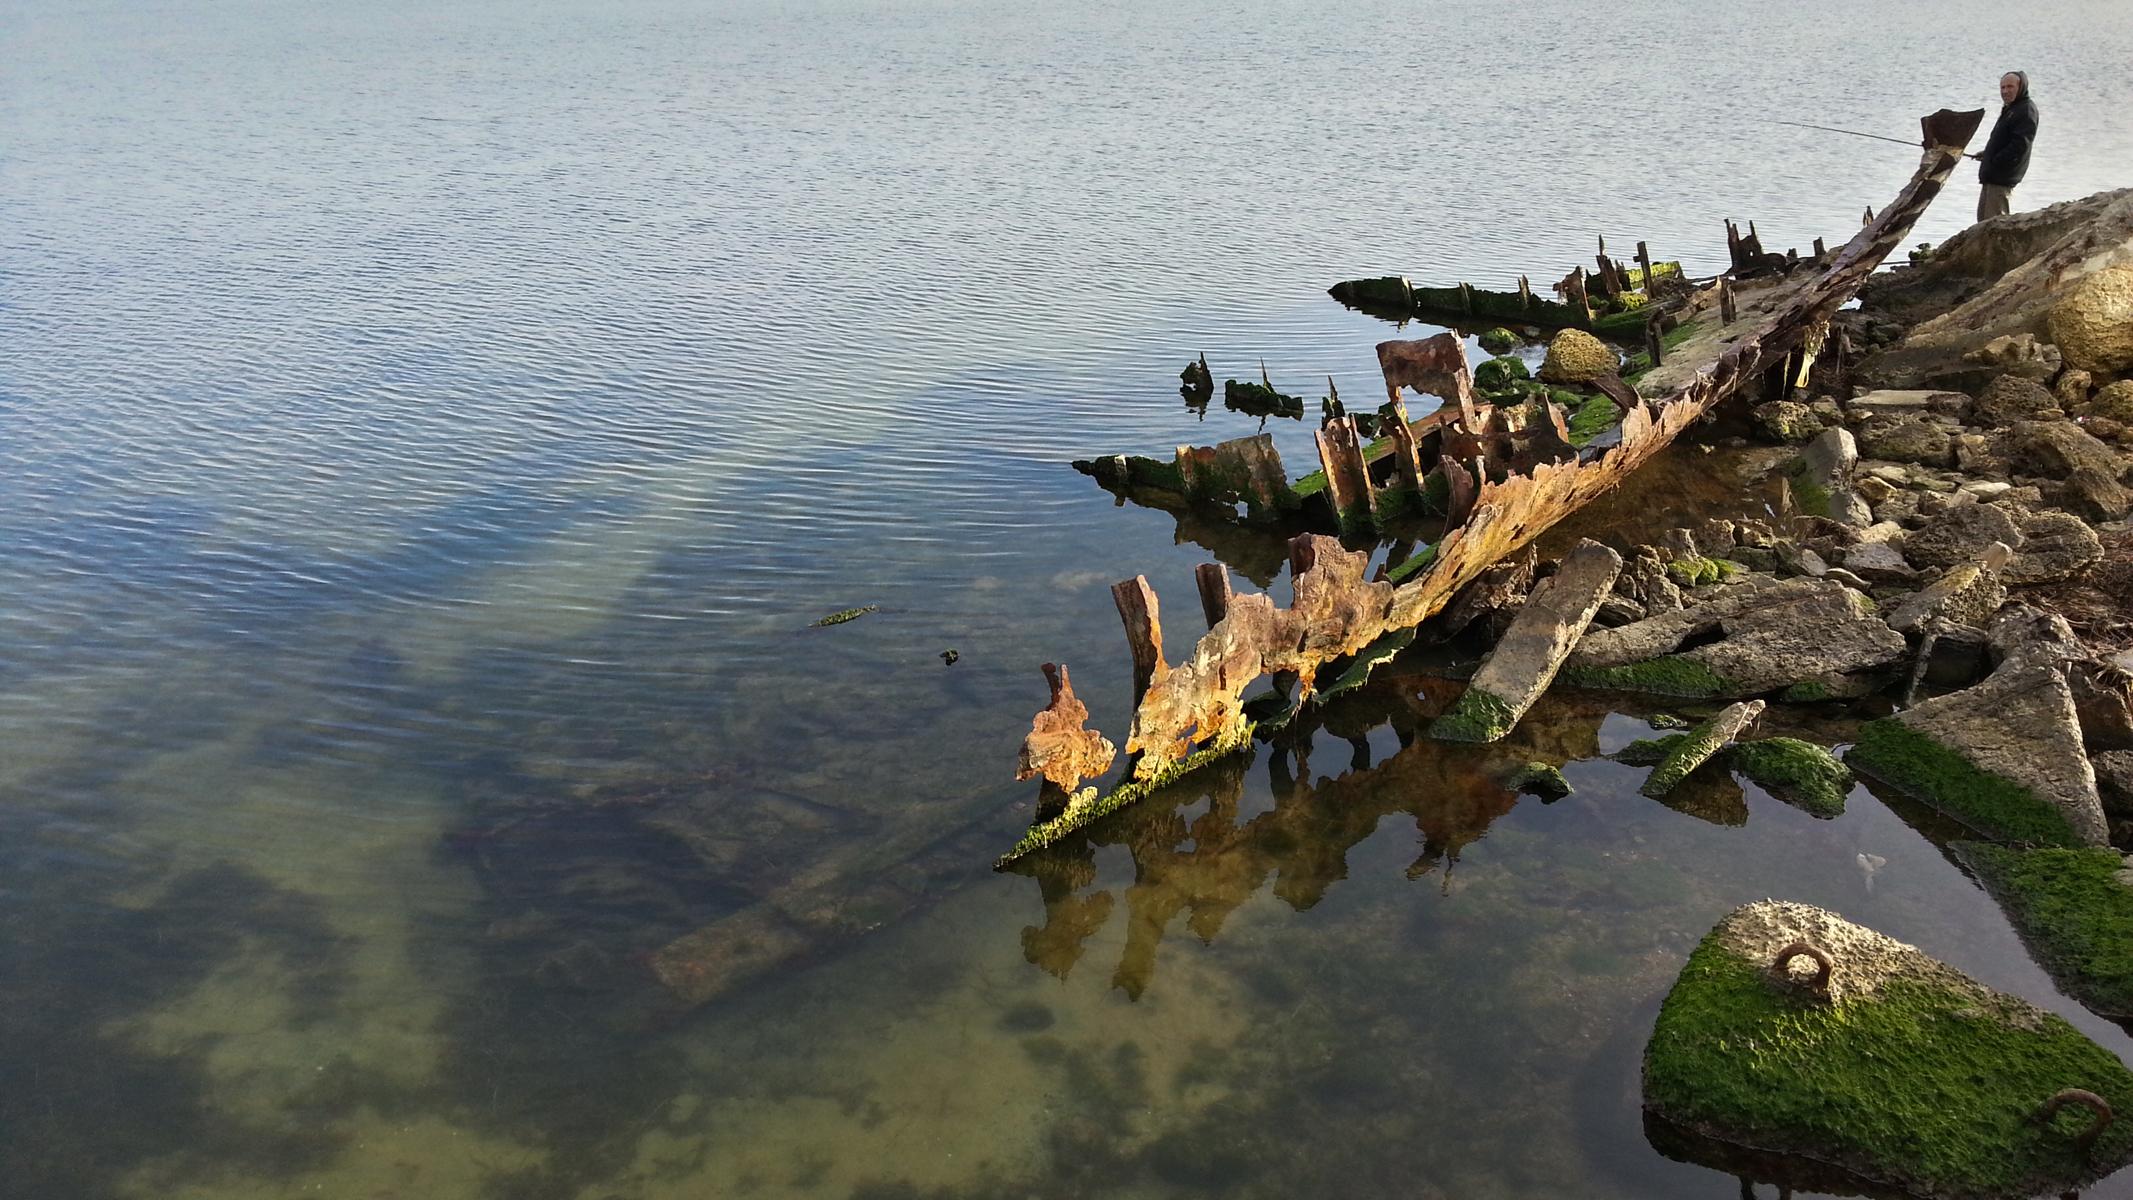 Рыбак удит рыбу рядом с остовом какого-то судна.